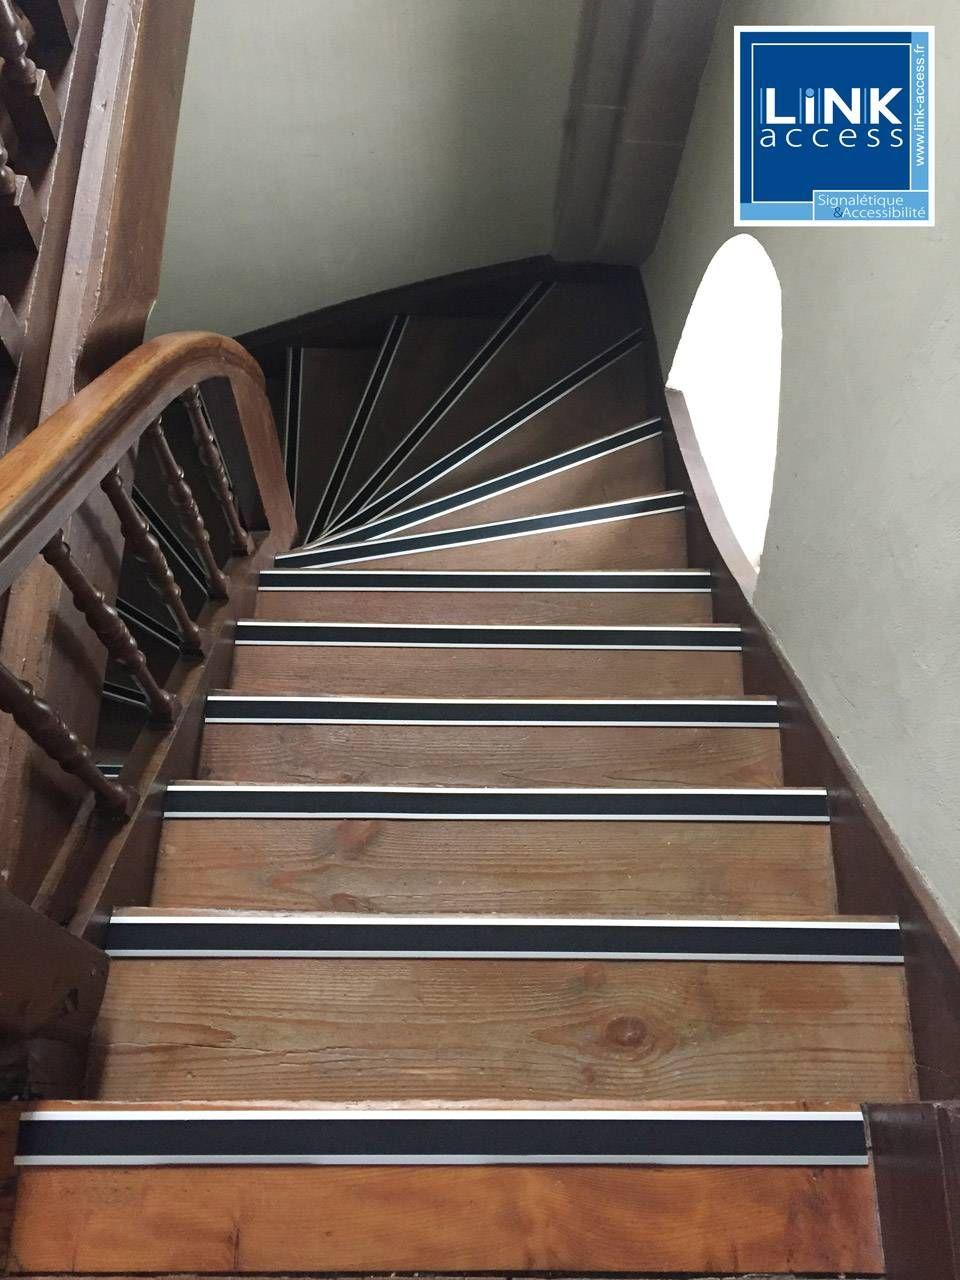 Bordure de nez descalier stratifi/é 8 mm parquet en bois /él/égant Aluminium